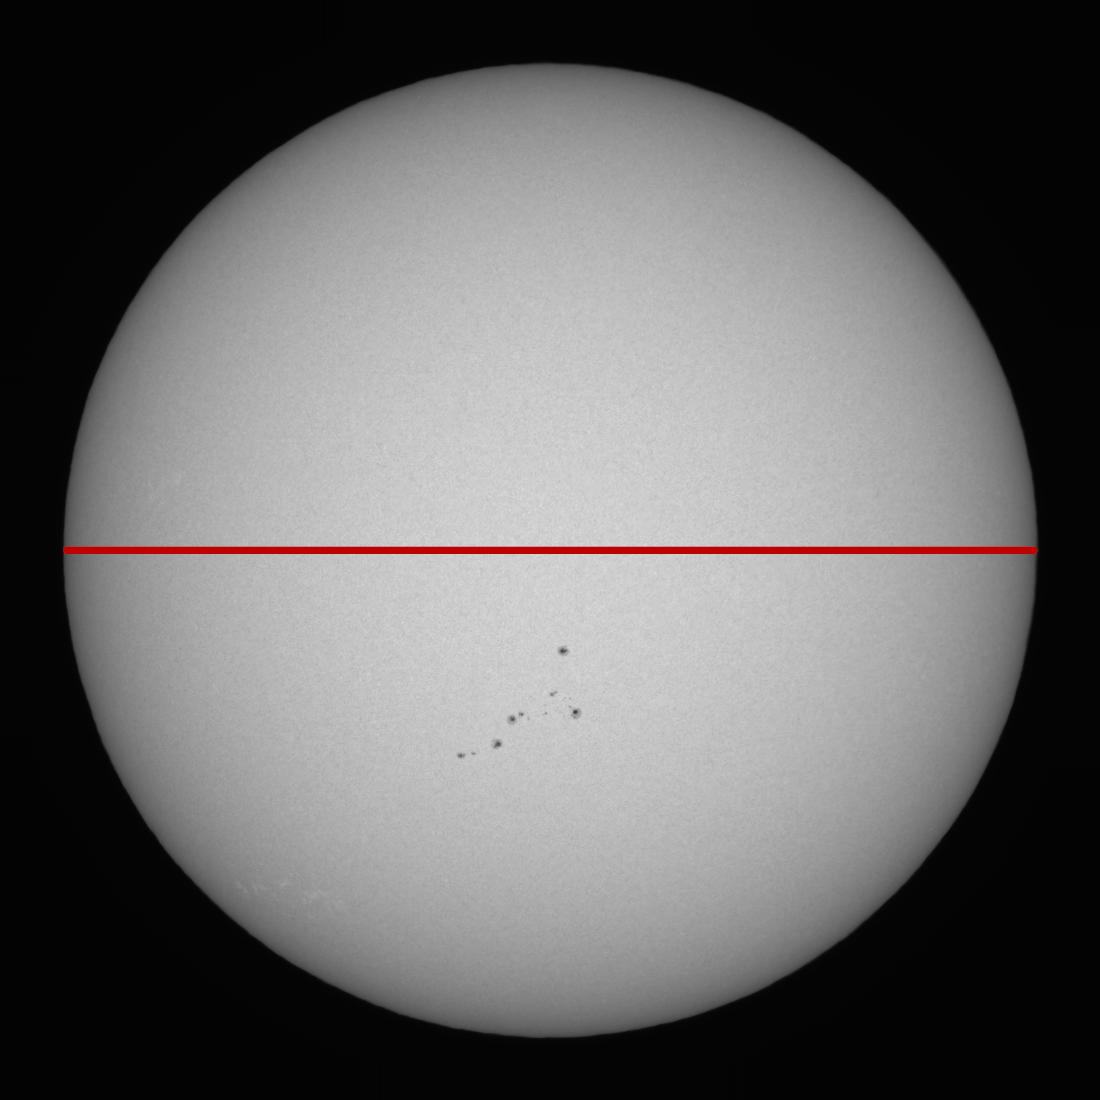 Un imagen del sol «continuo», tomado en el 26 de abril 2021 y sin modificaciones (aparte de la línea roja)